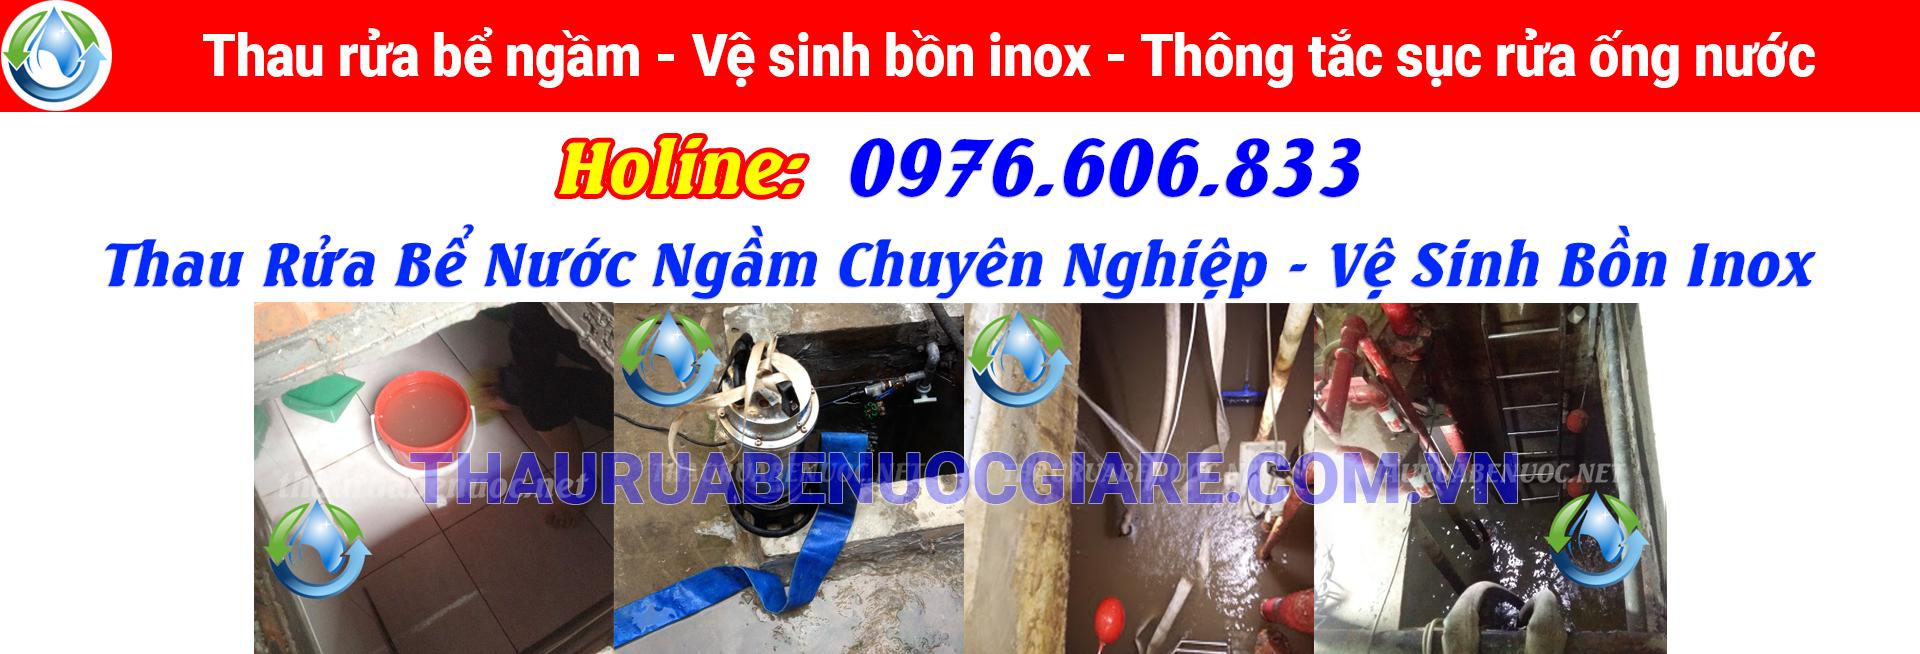 thau rửa bể nước giá rẻ hà nội đảm bảo vệ sinh